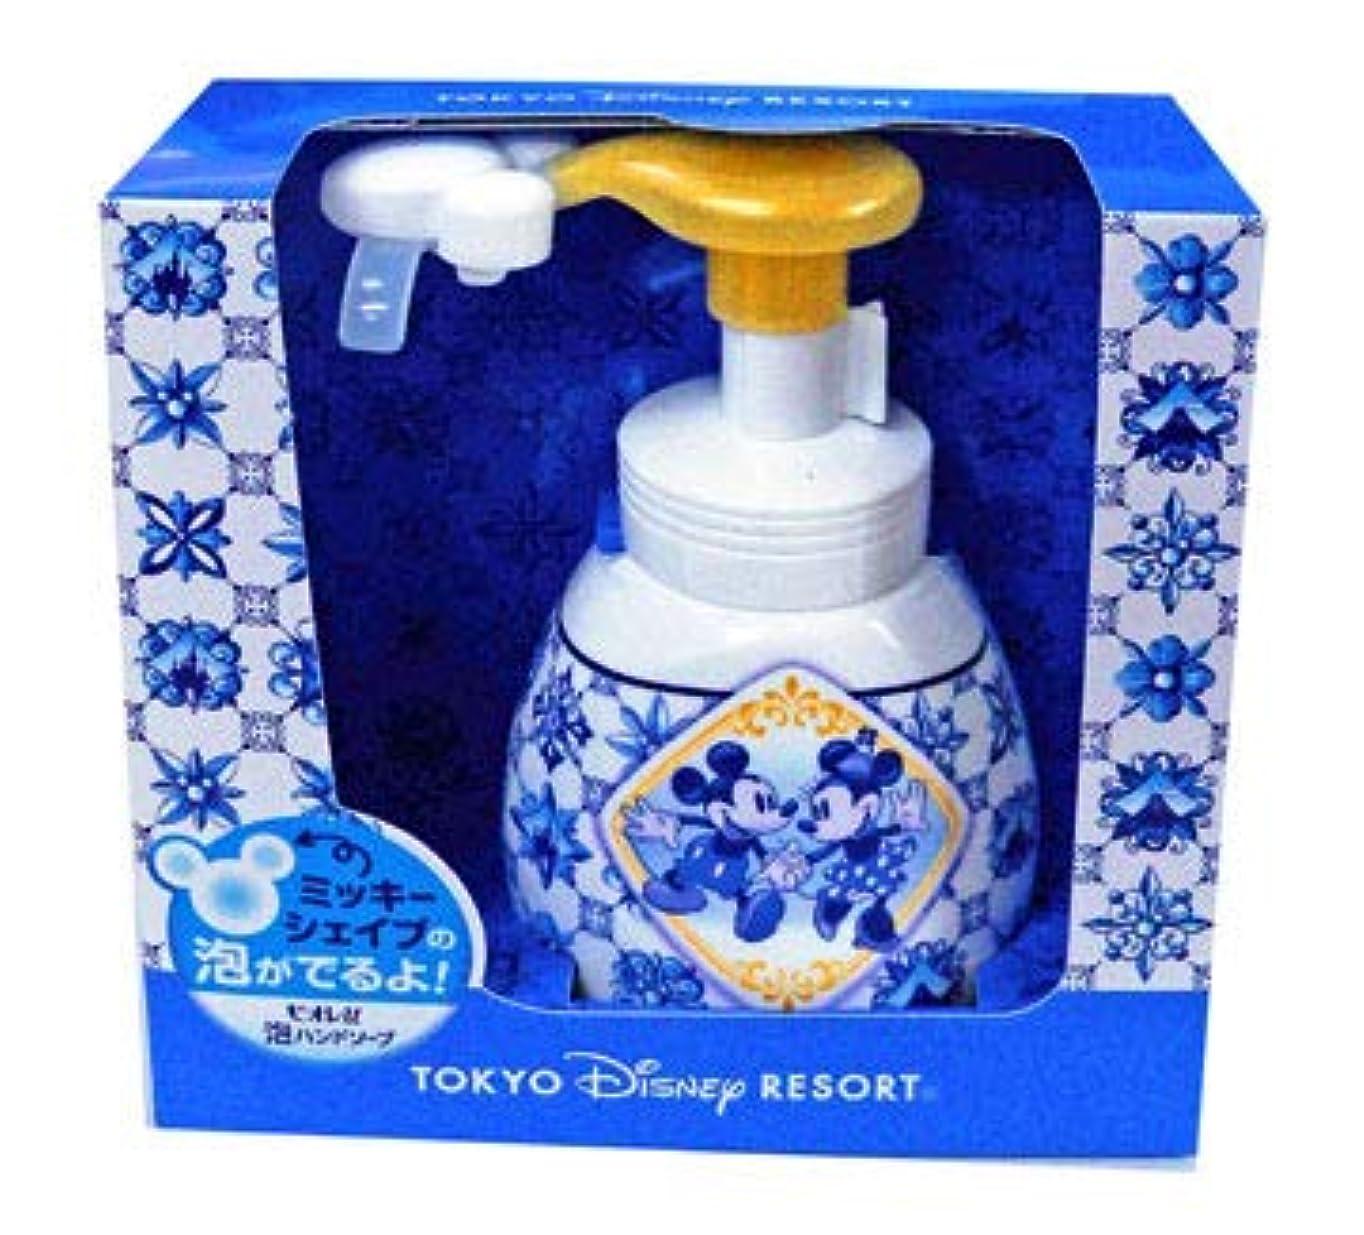 アッティカス入り口フラフープ泡ハンドソープ(新デザイン) 東京ディズニーリゾート ミッキーとミニー柄  おみやげ